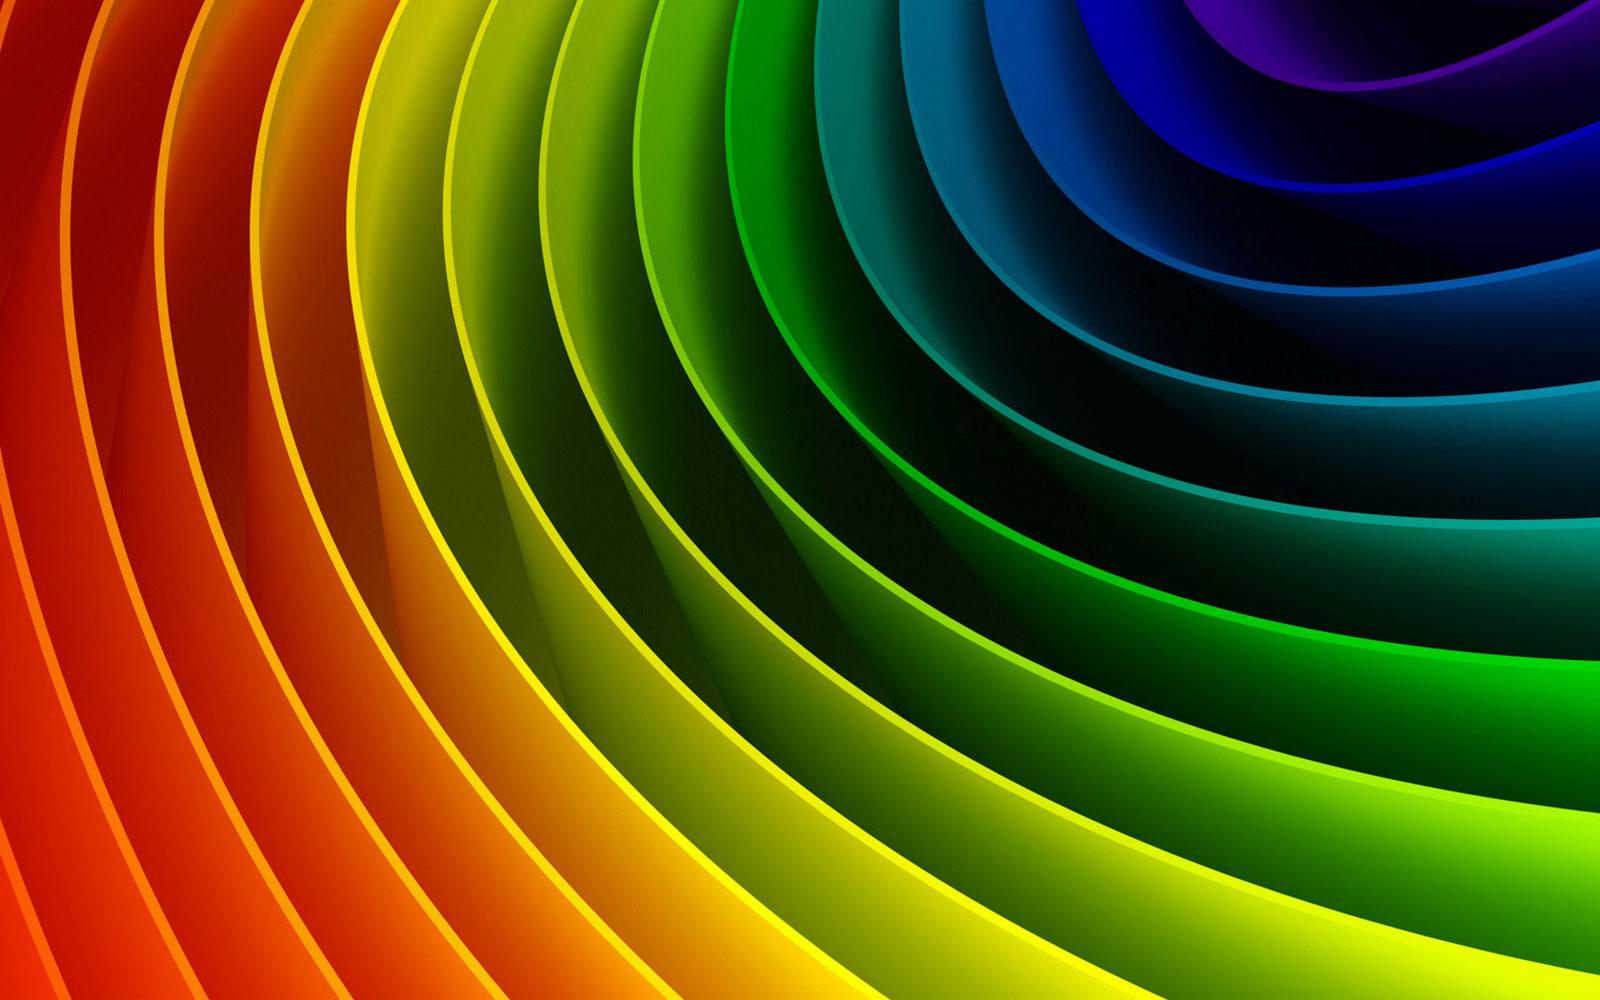 Quali sono i colori primari secondari e terziari